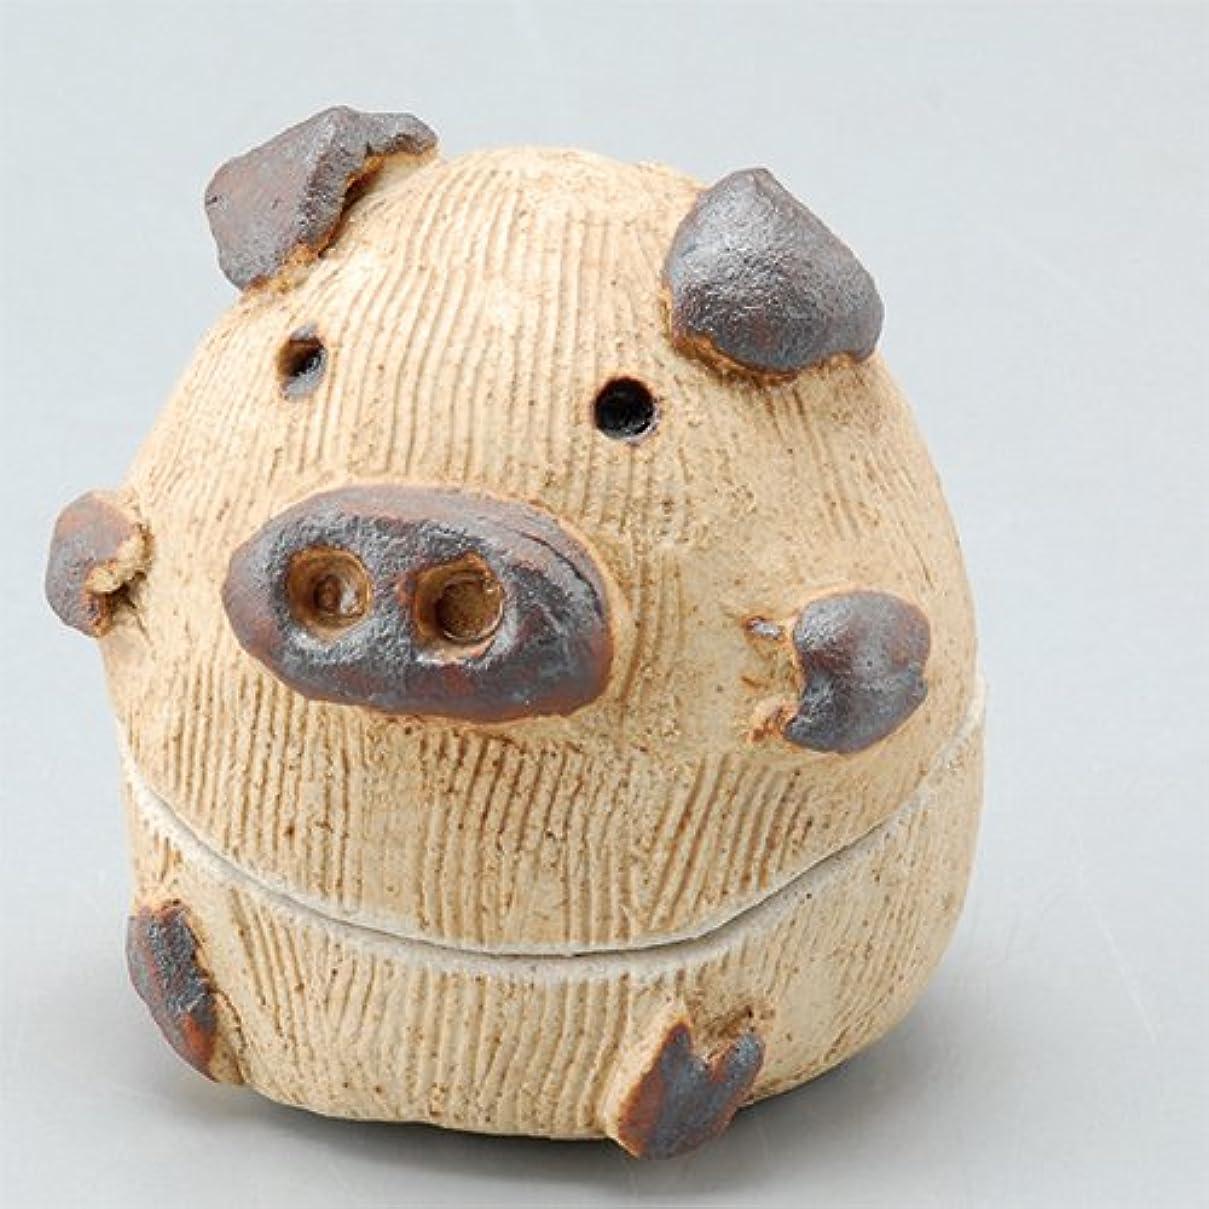 頭蓋骨欲しいです煩わしい香炉 蔵富多 香炉 [H6.5cm] HANDMADE プレゼント ギフト 和食器 かわいい インテリア